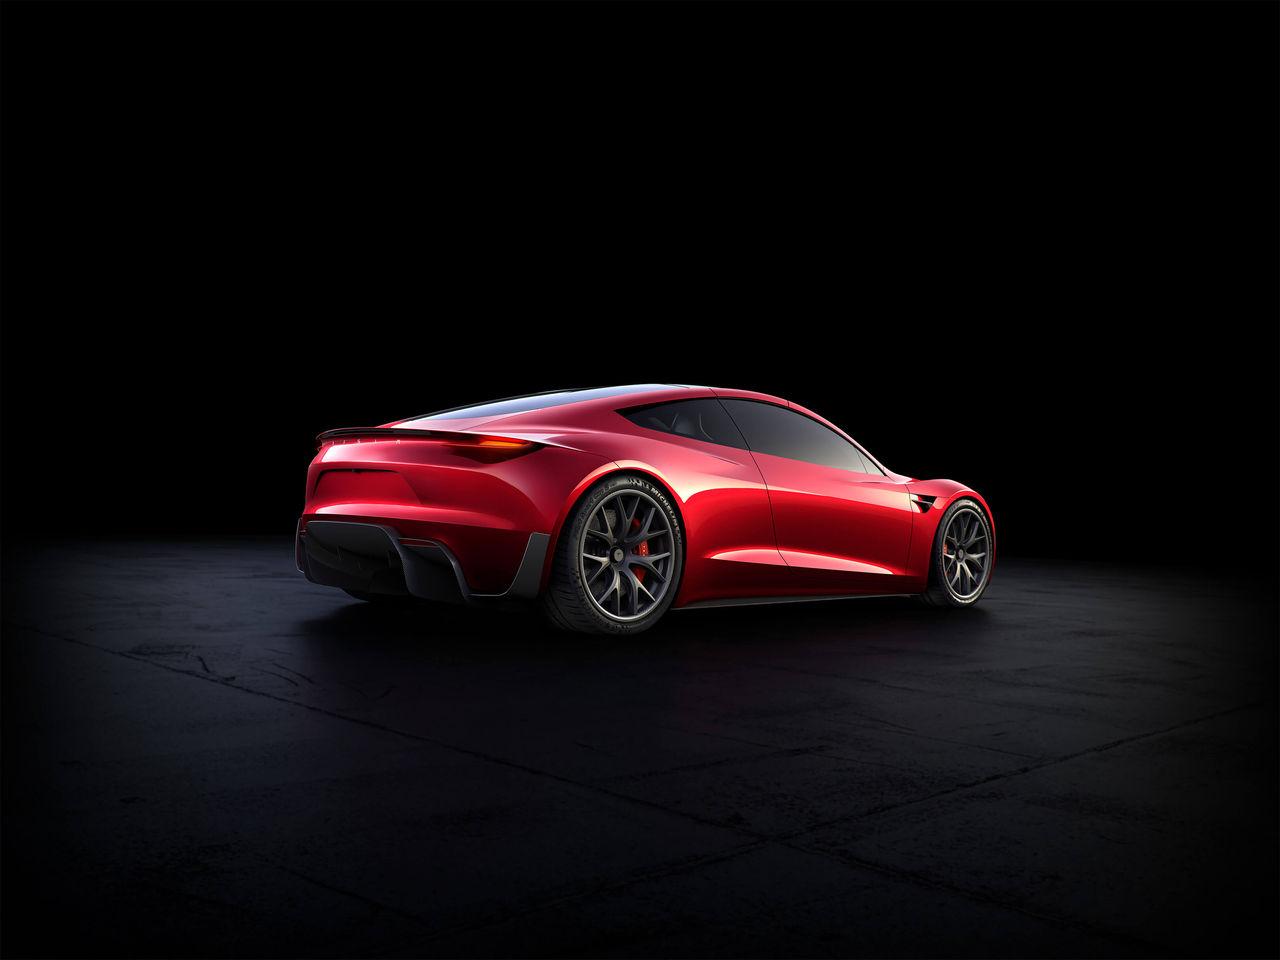 Elon Musk påstår att Tesla Roadster klarar 0-100 på 1,1 sekund